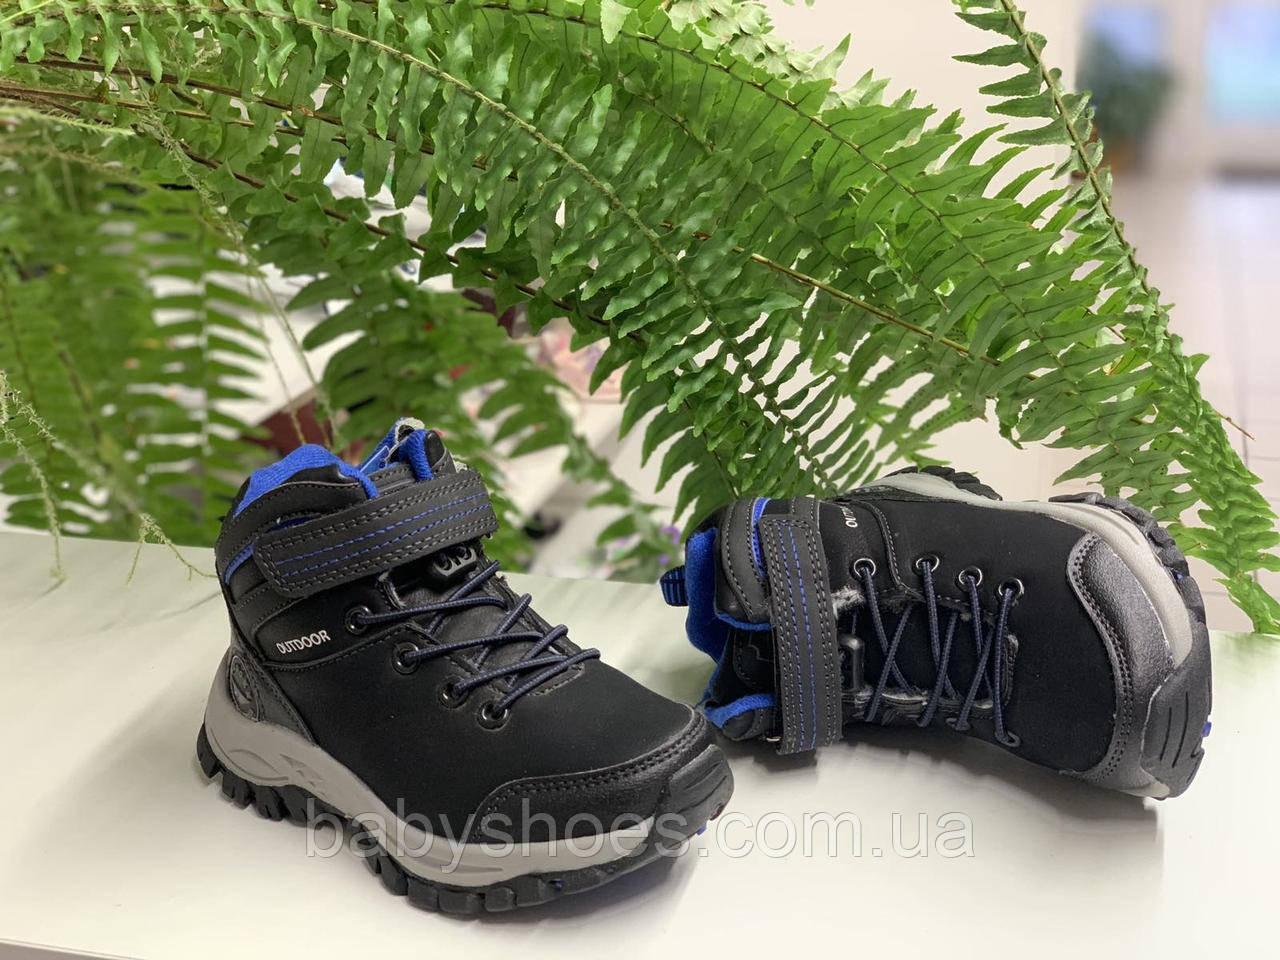 Зимние ботинки для мальчика Badoxx Польша  р.27, ЗМ-34